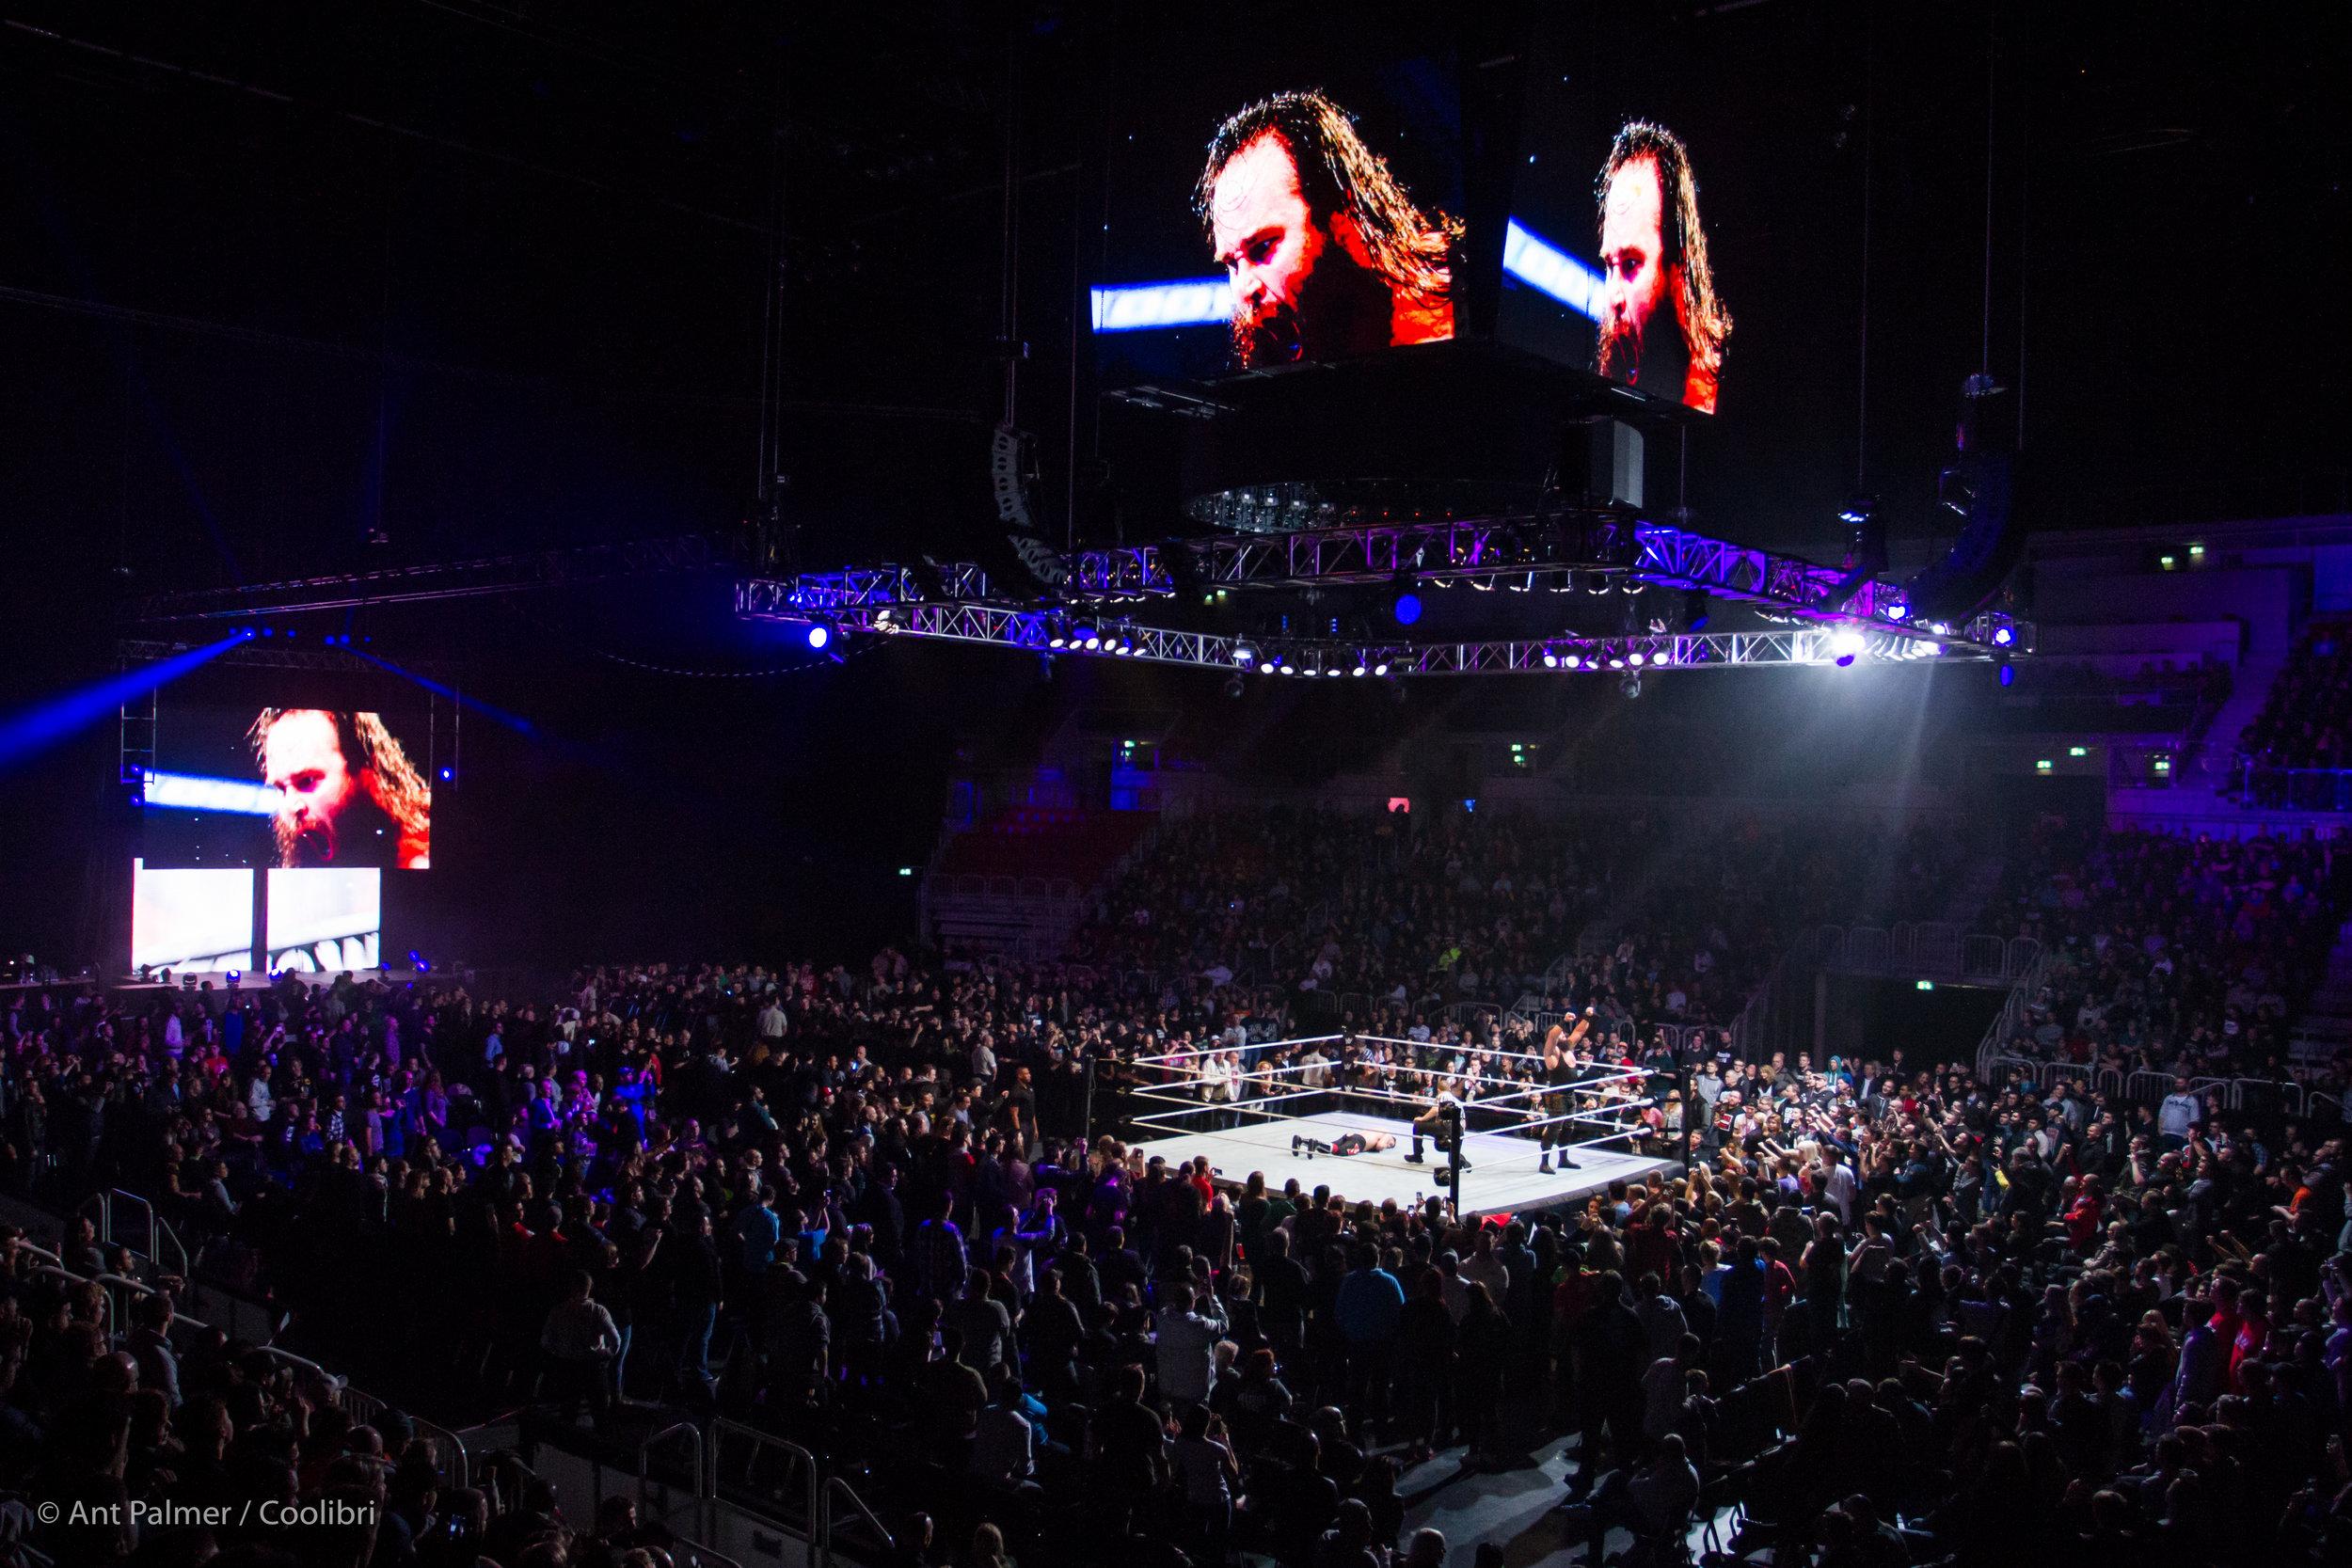 2017_02_22_WWE_DUS-35.jpg